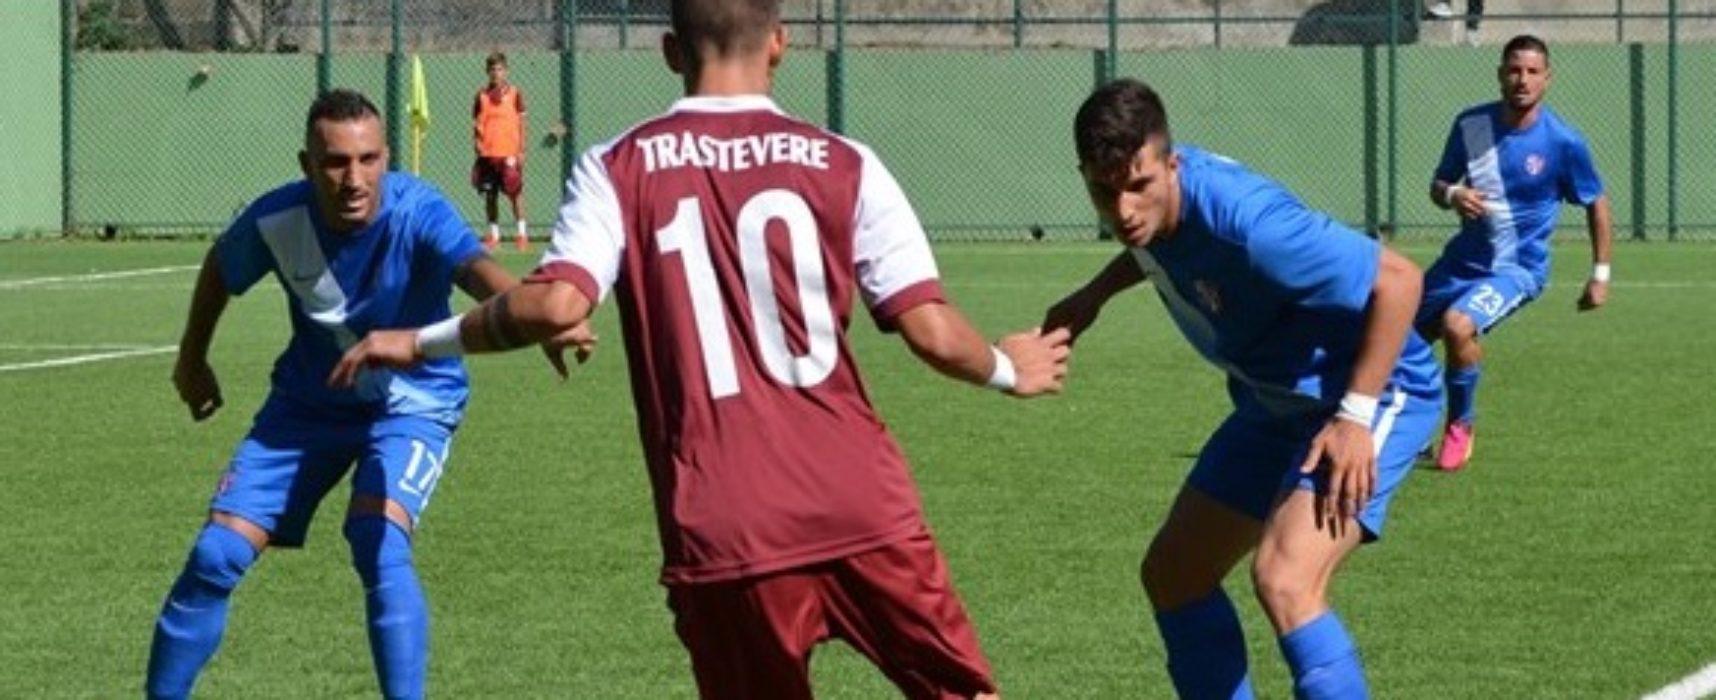 """Trastevere – SFF Atletico 0-2. Gardini: """"Non mollare mai"""""""